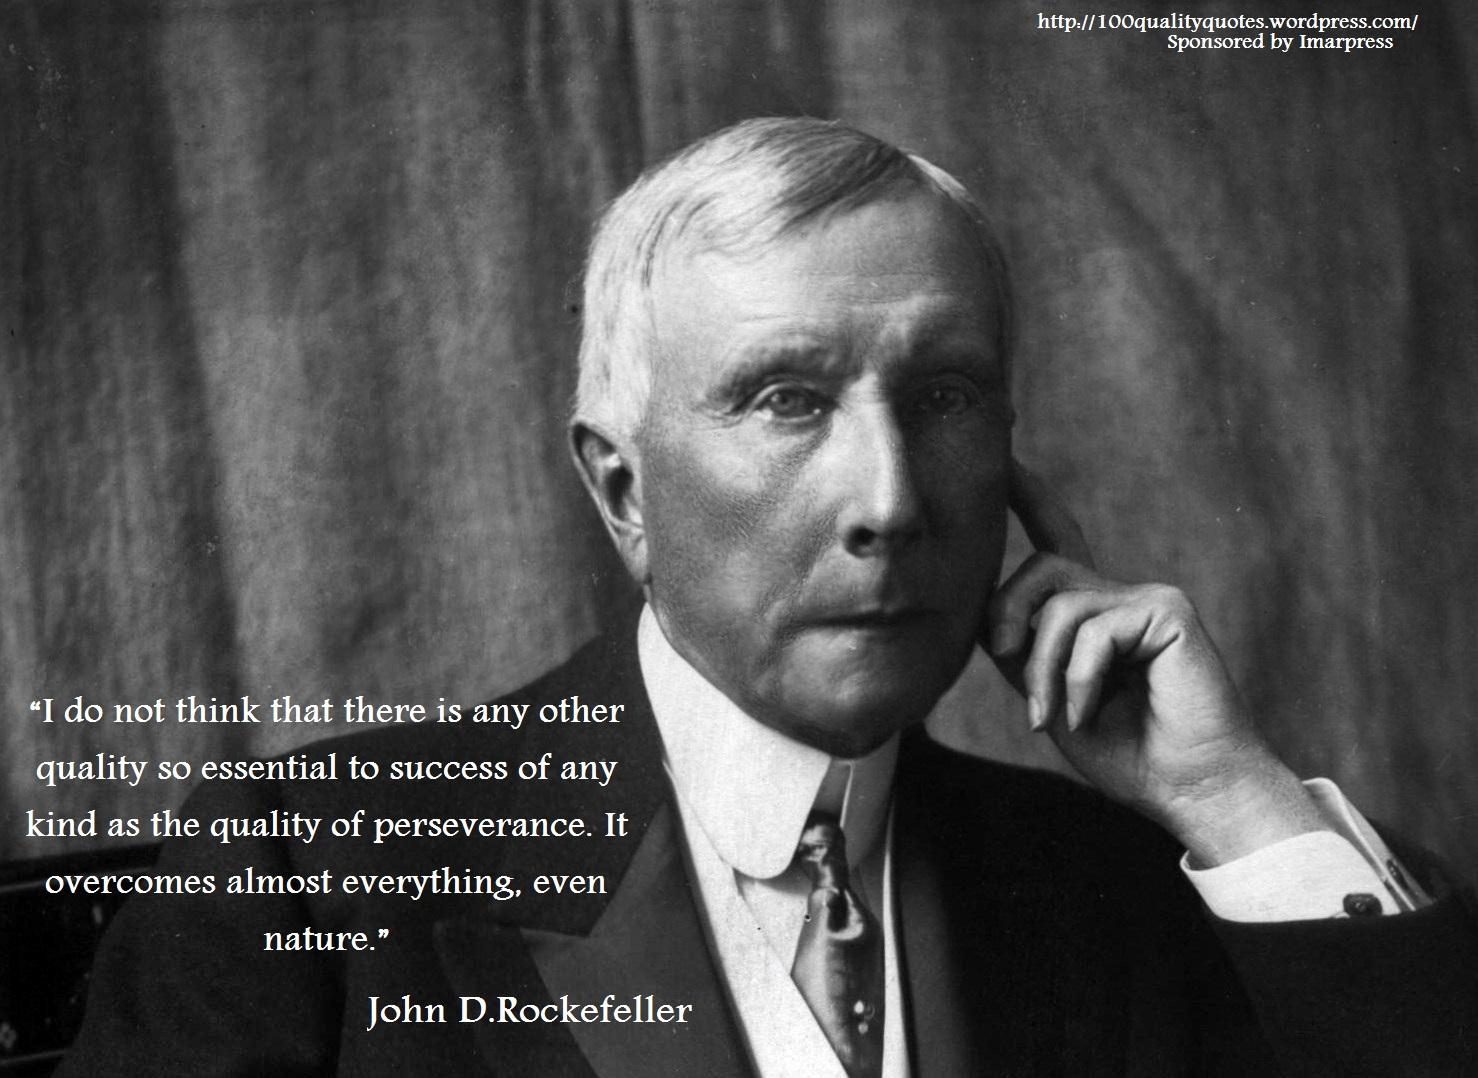 John D. Rockefeller's quote #2